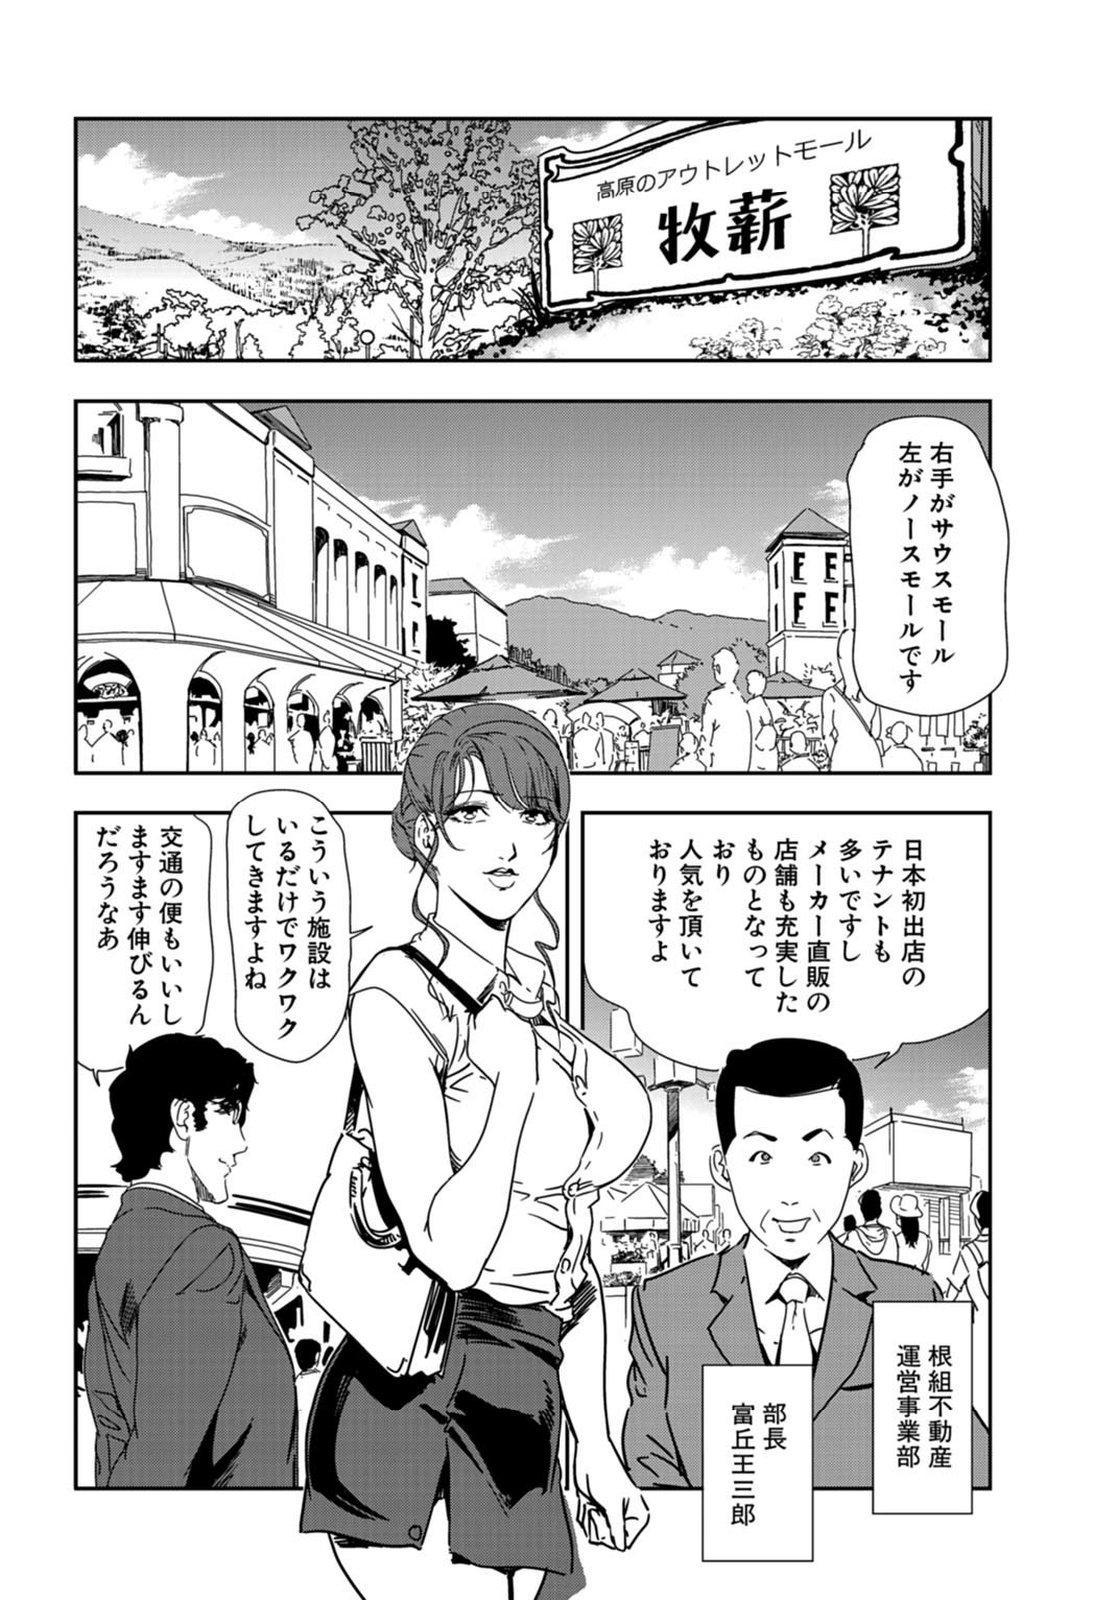 Nikuhisyo Yukiko 21 3